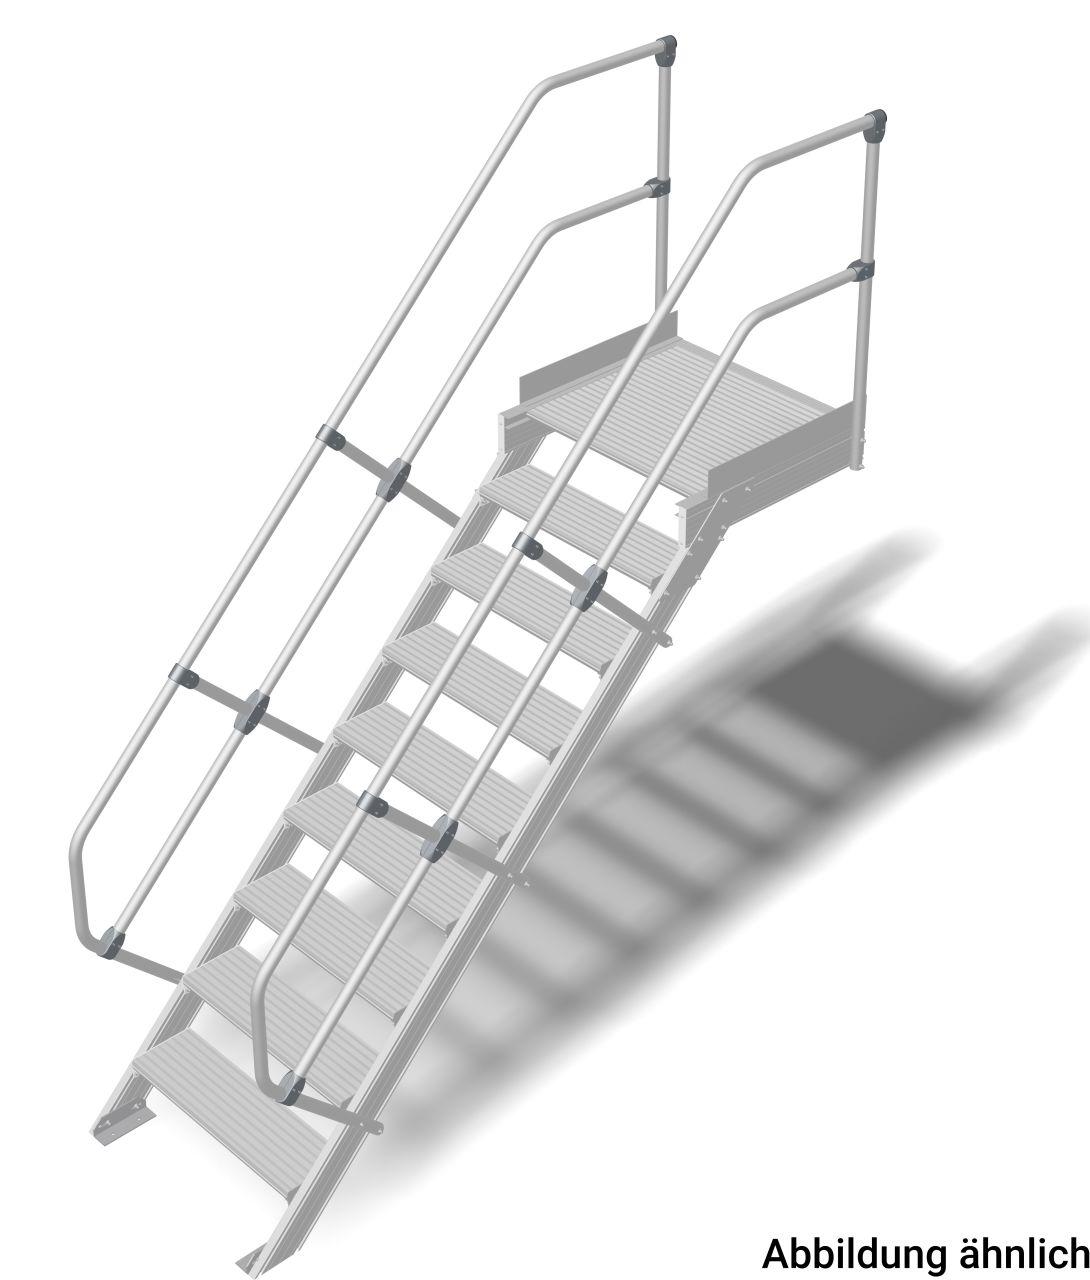 Трап с платформой алюминиевый. Наклон 45°. Ширина ступеней 600 мм. Прочный алюминиевый трап, обеспечивающий безопасный доступ к дверям, площадкам и т. д. в соответствии с DIN EN ISO 14122.